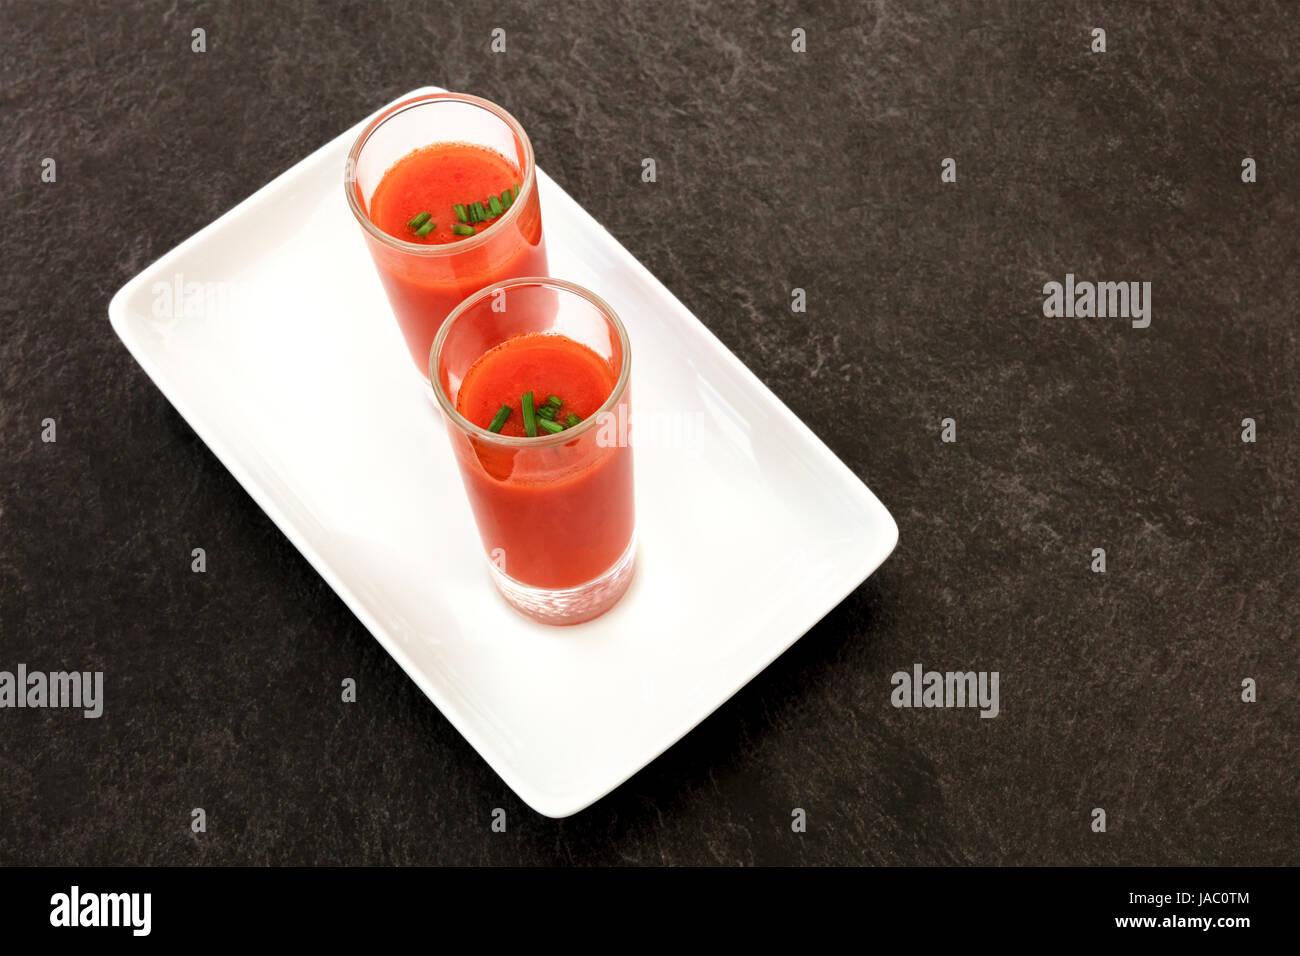 Tapas spagnole in un moderno bar. Due colpi di gazpacho, freddo minestra di pomodoro, al buio su un tavola nera Immagini Stock